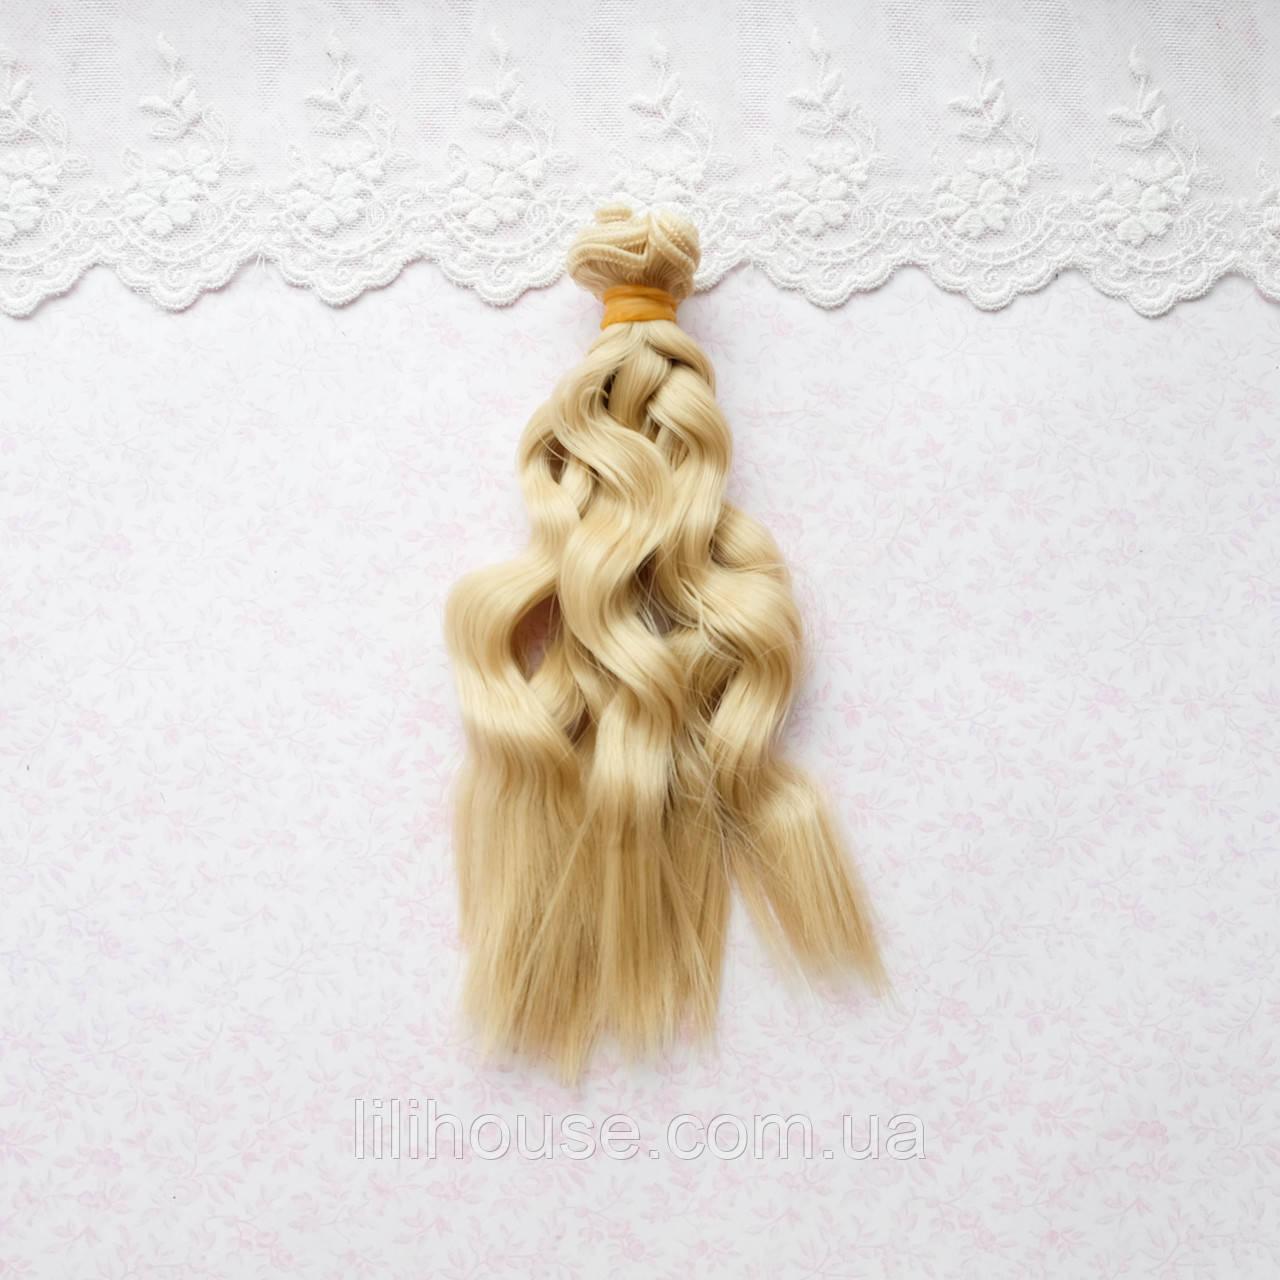 Волосы для Кукол Трессы Мелкие Волны Косичка ТЕПЛЫЙ БЛОНД 15 см